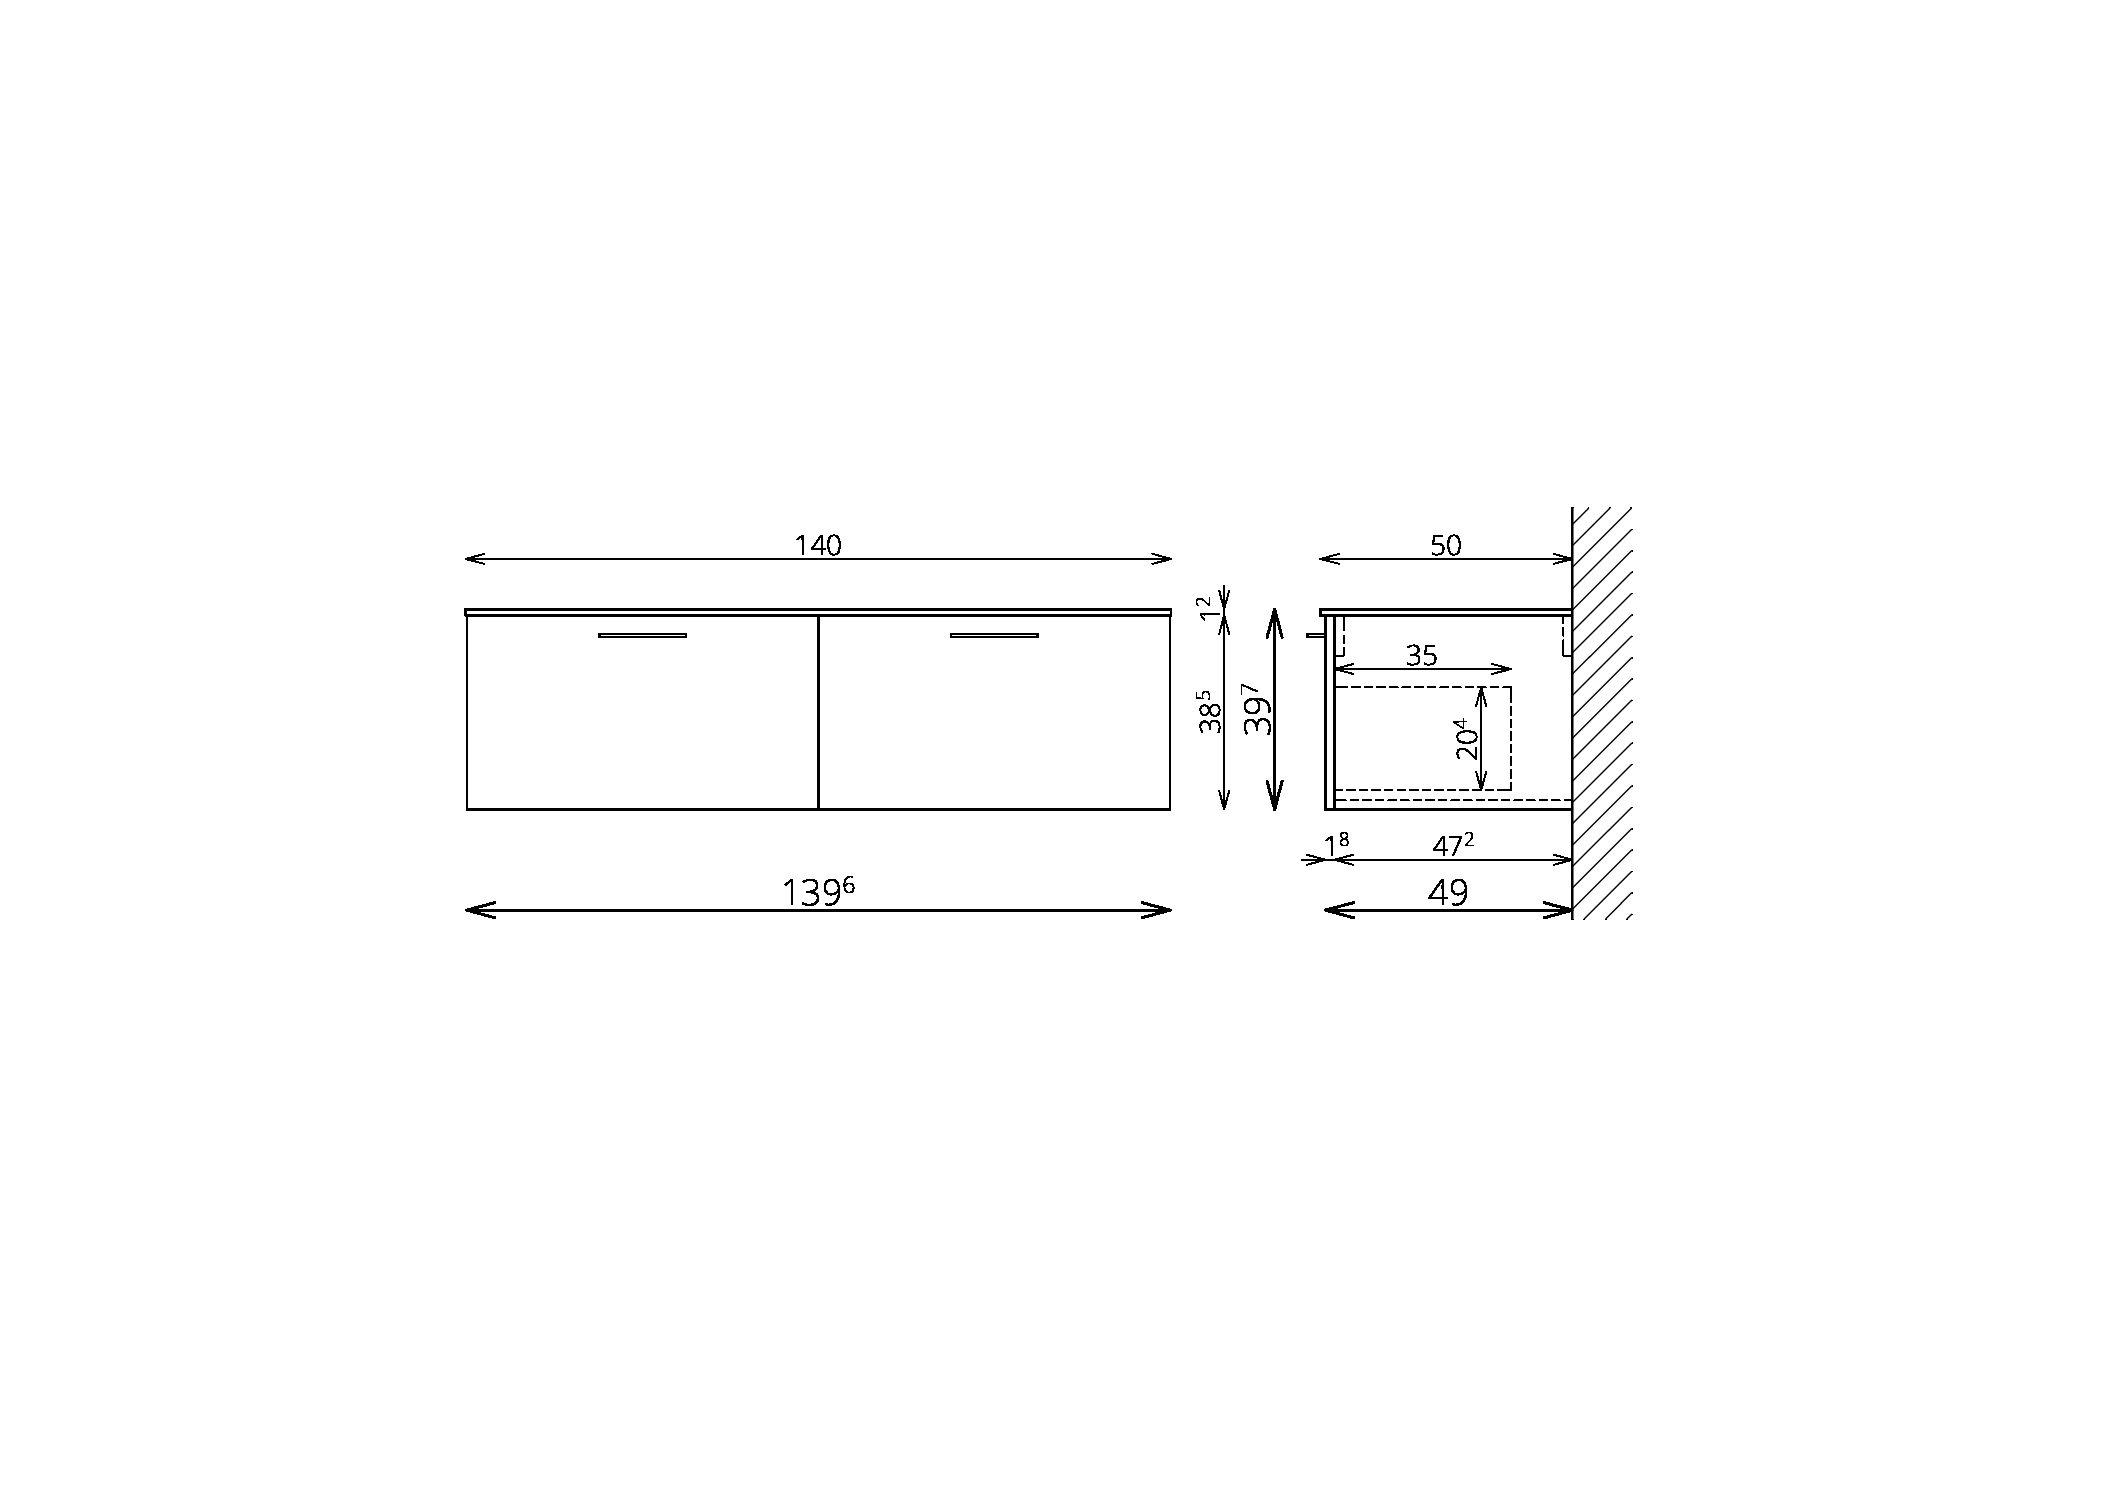 TBOSS-SHARP-GLASS-140-2F-2M2CS